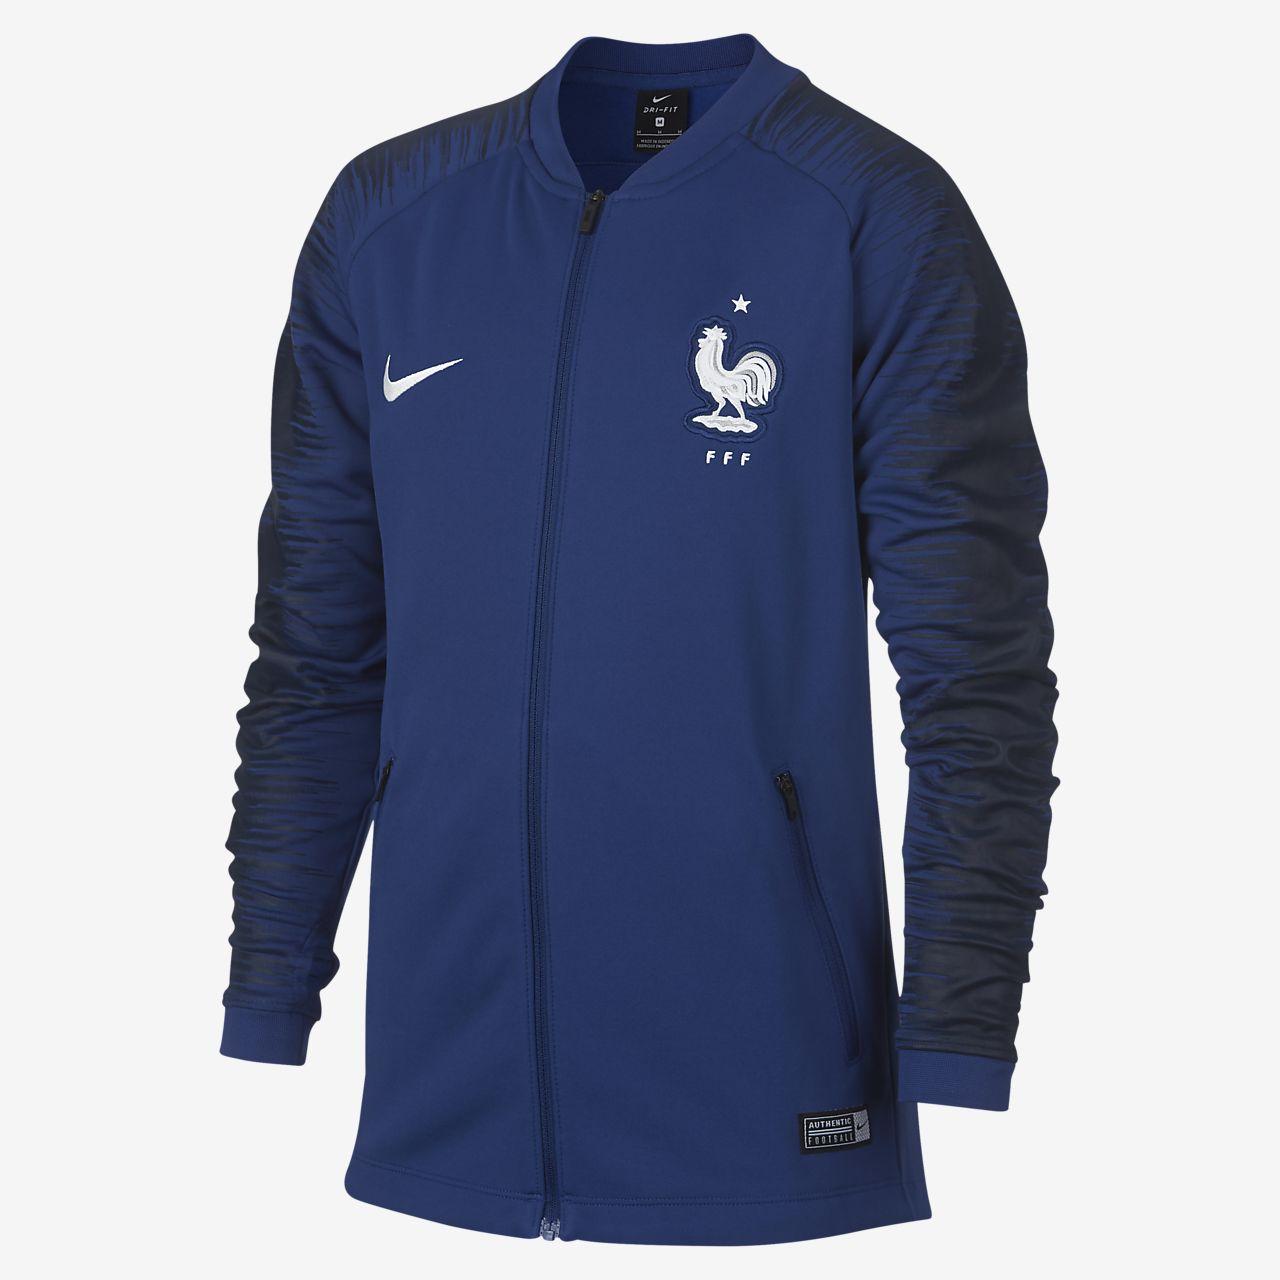 454a31c4 FFF Anthem Older Kids' Football Jacket. Nike.com IE